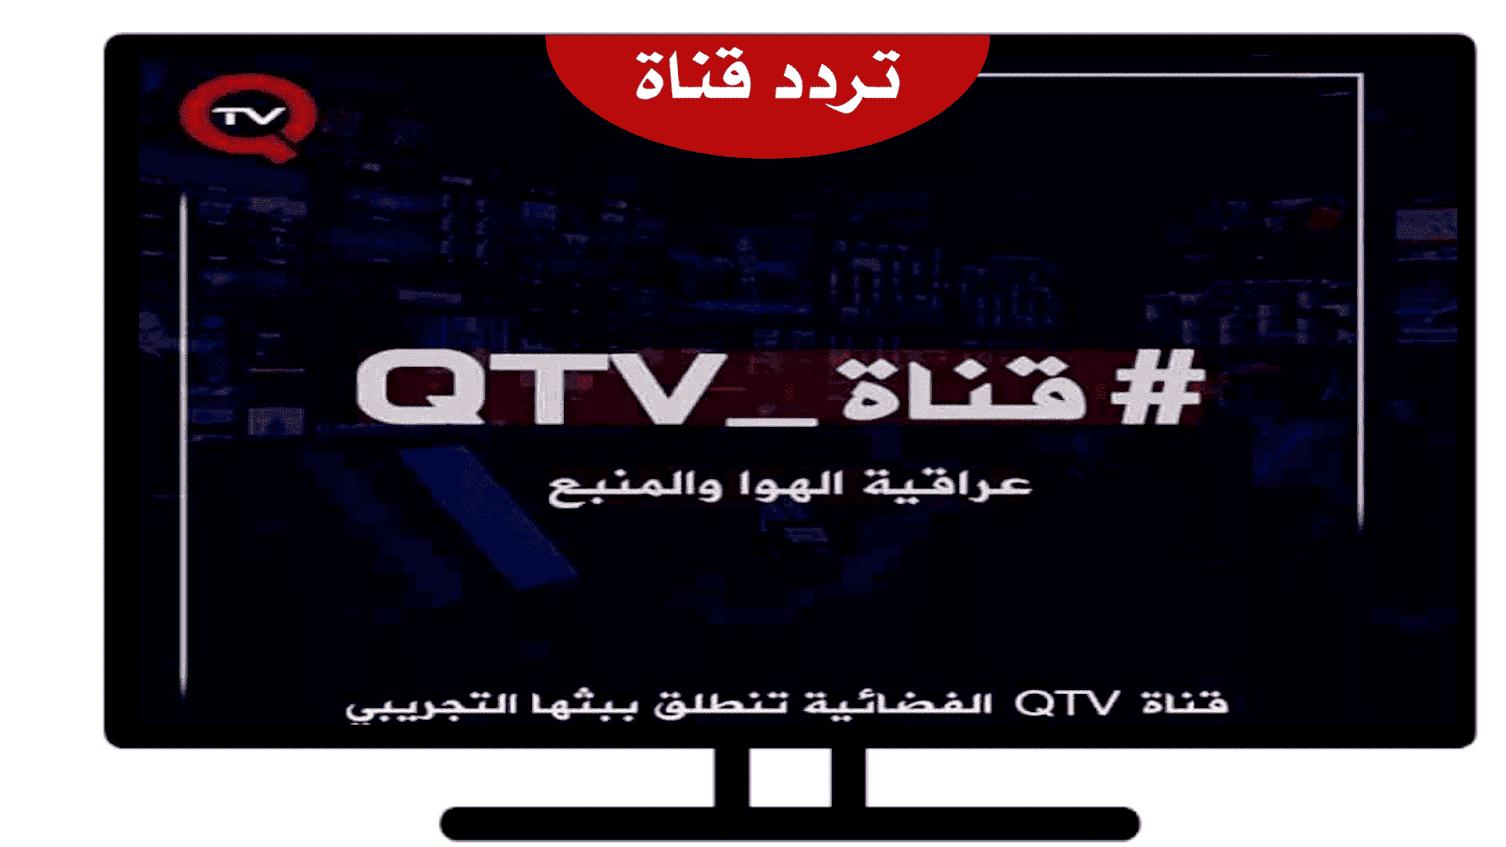 تردد قناة Qtv العراقية الجديدة على النايل سات 2021